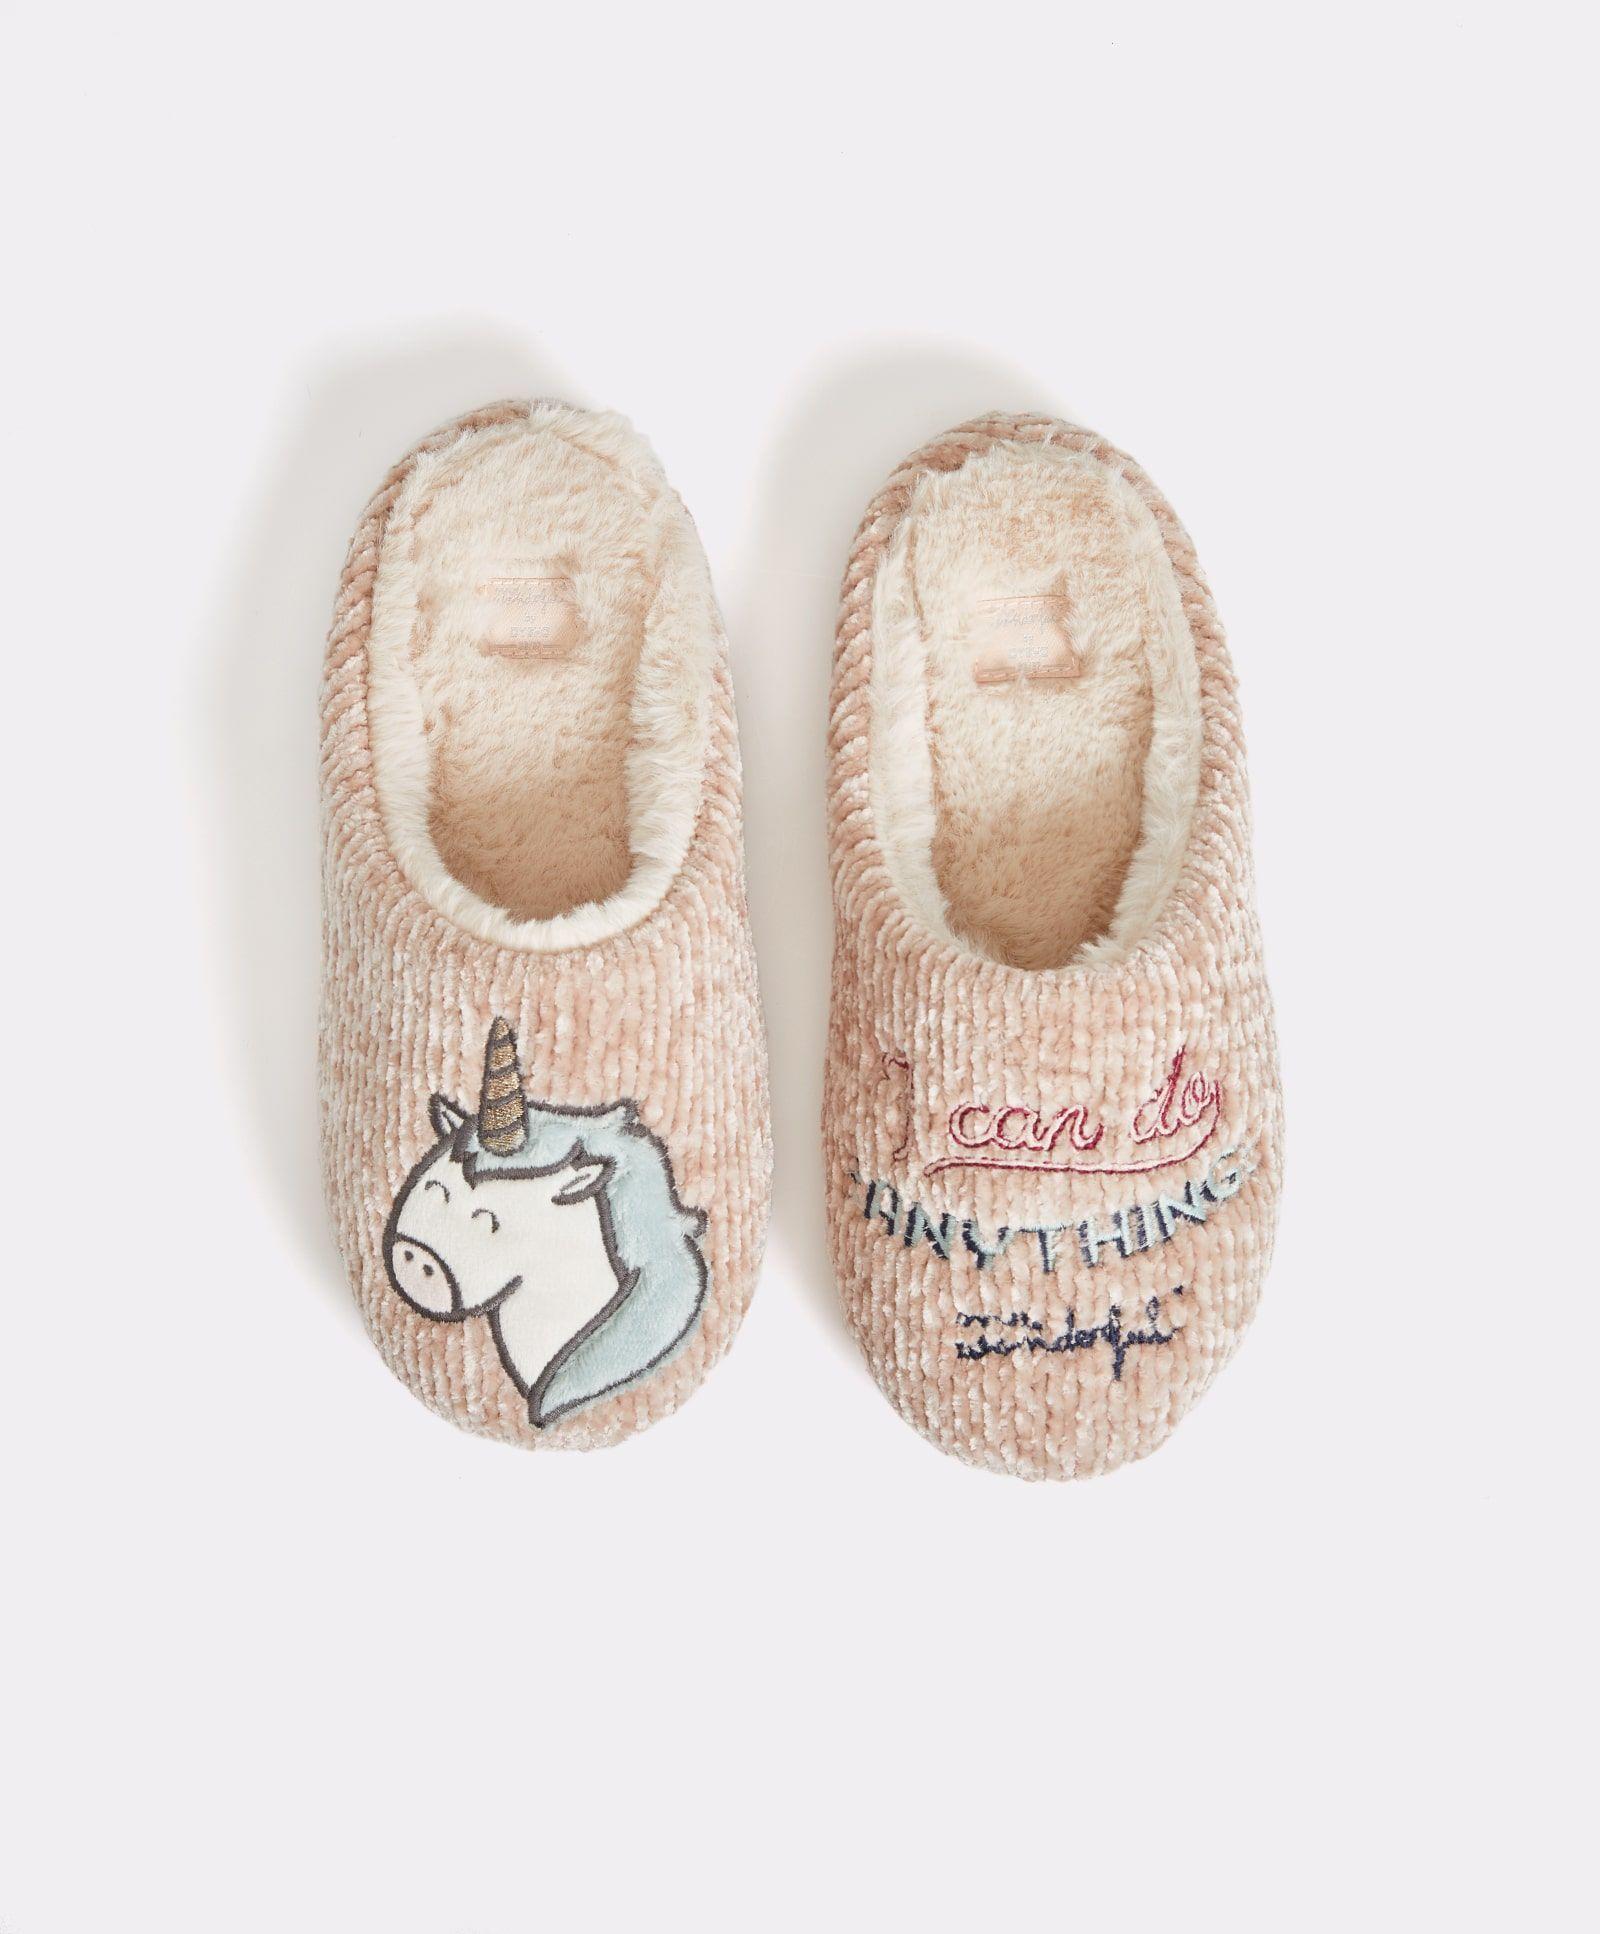 e5da7ea35b1b Mr Wonderful© slippers - Slippers - PYJAMAS AND HOMEWEAR